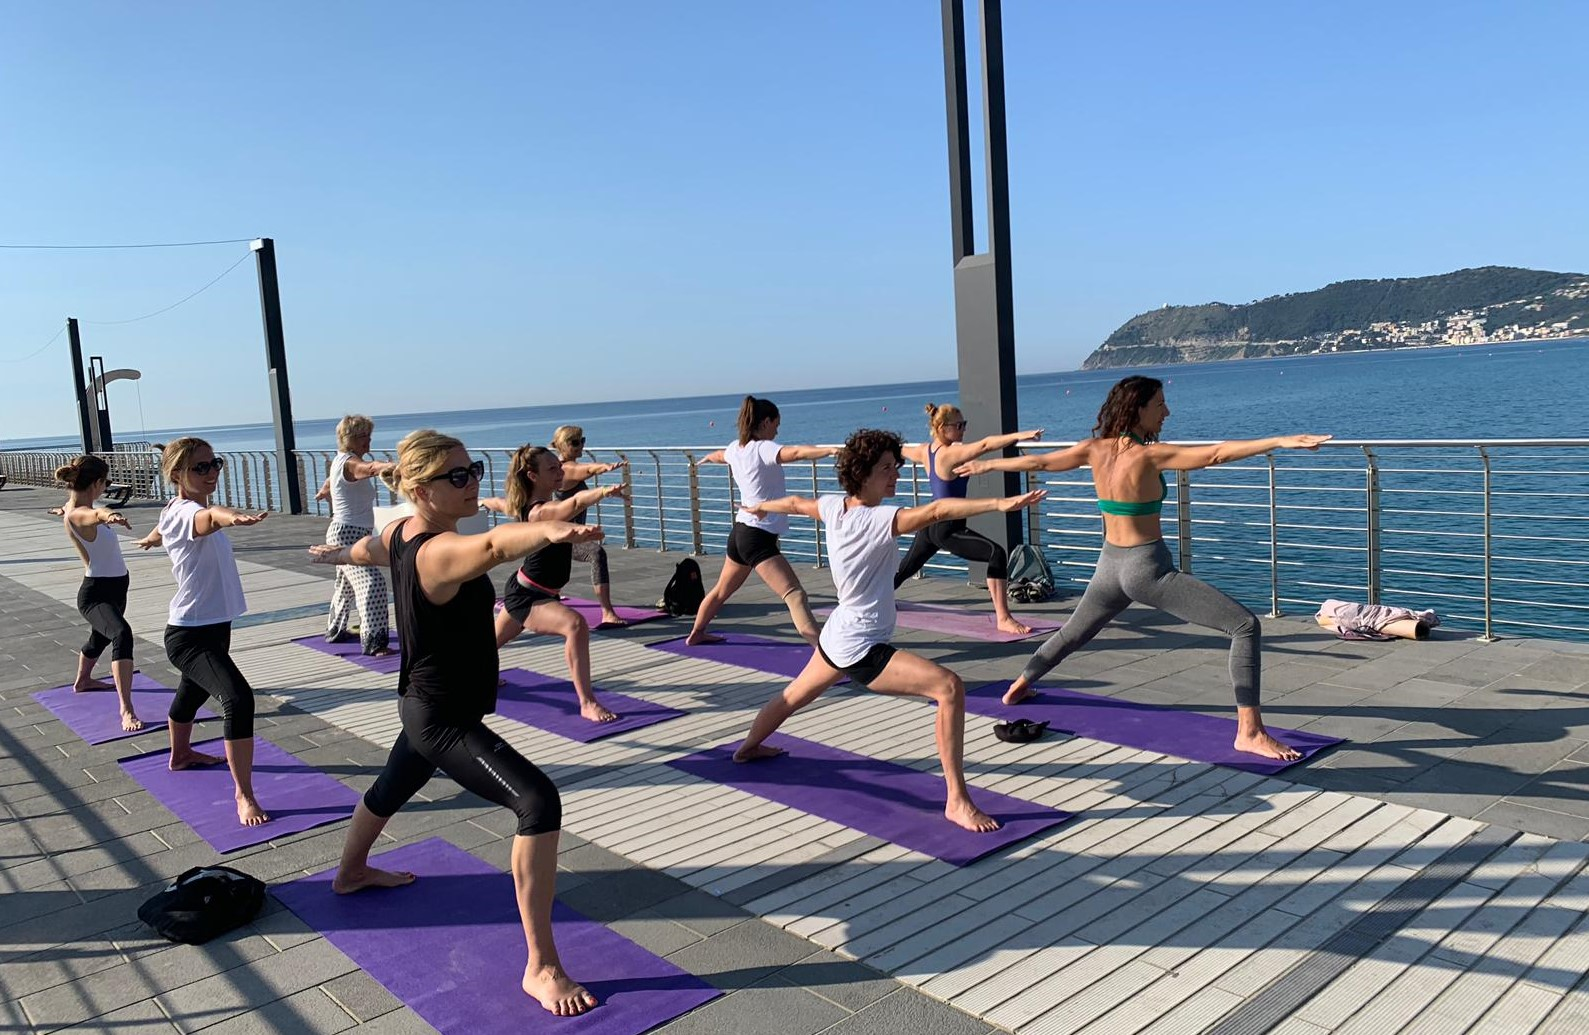 essere-free-yoga-gratuito-benessere-per-tutti-village-citta-alassio-estate-lucia-ragazzi-summer-town-wellness-073